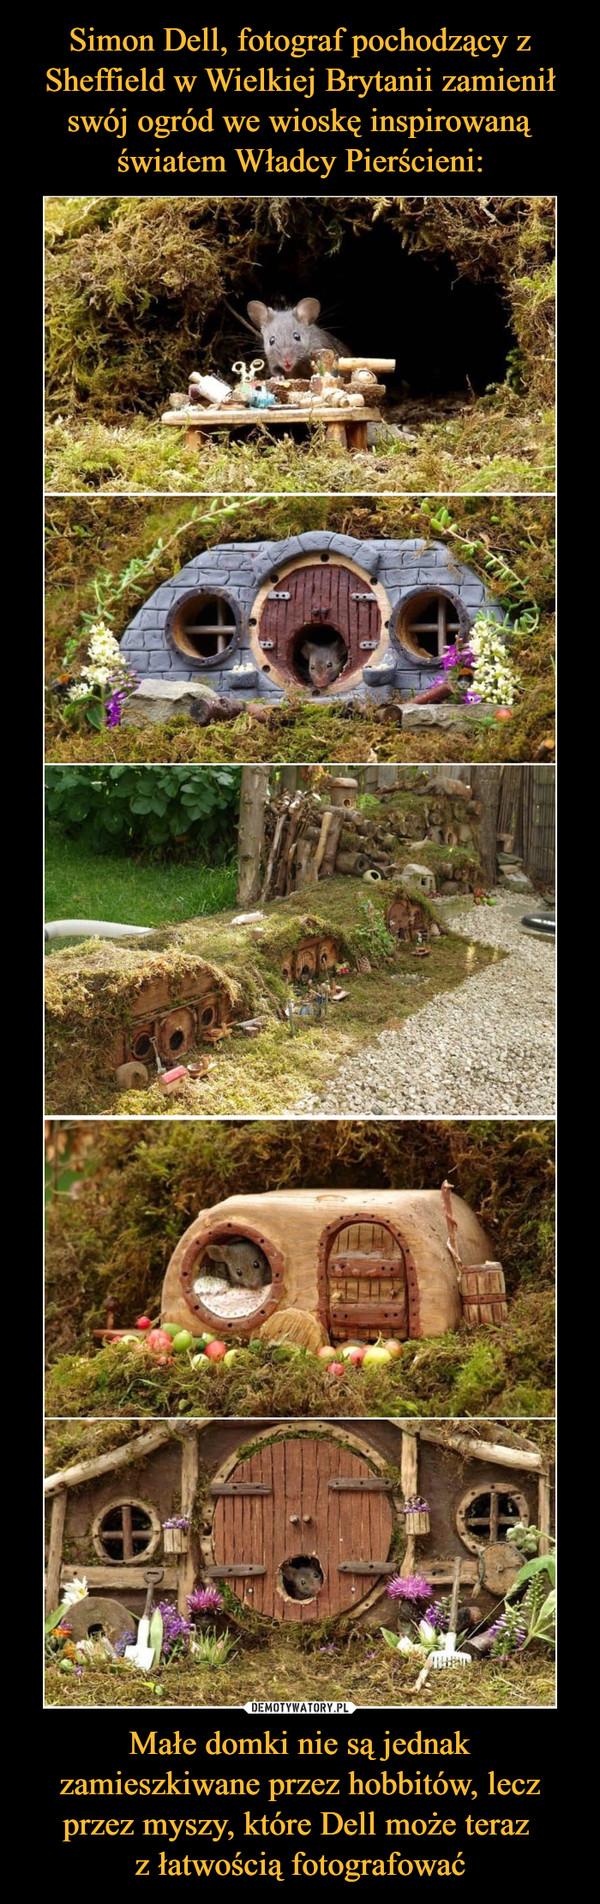 Małe domki nie są jednak zamieszkiwane przez hobbitów, lecz przez myszy, które Dell może teraz z łatwością fotografować –